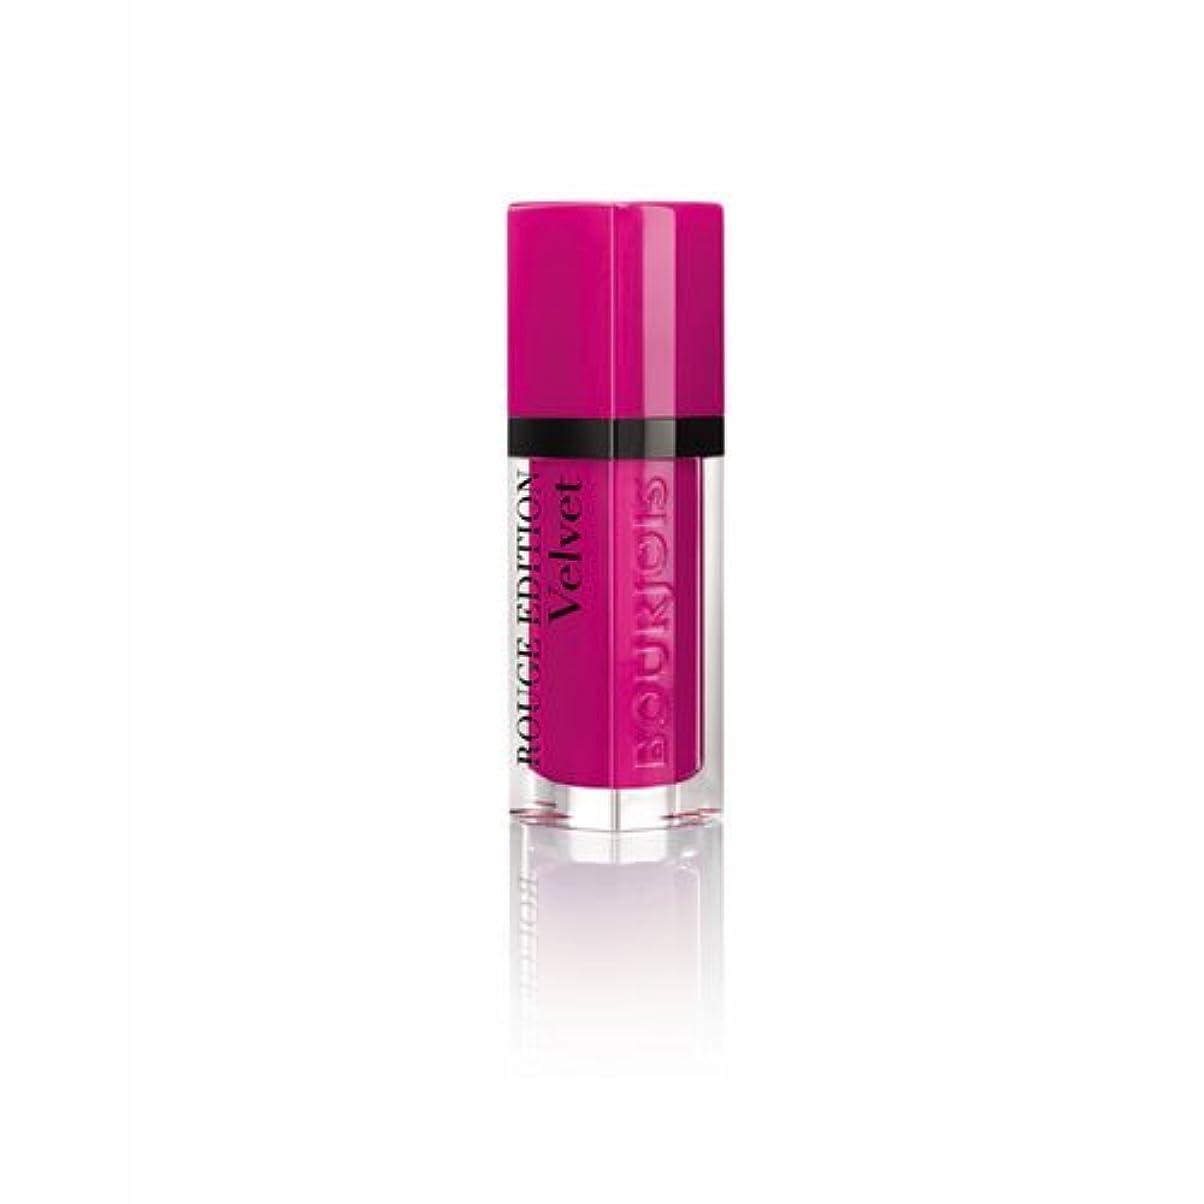 一部過敏なメキシコブルジョワ ルージュエディション ヴェルベット リップスティック (06 ピンク ポング) BOURJOIS ROUGE EDITION VELVET LIPSTICK 06 Pink Pong(ポスト投函対応) [並行輸入品]